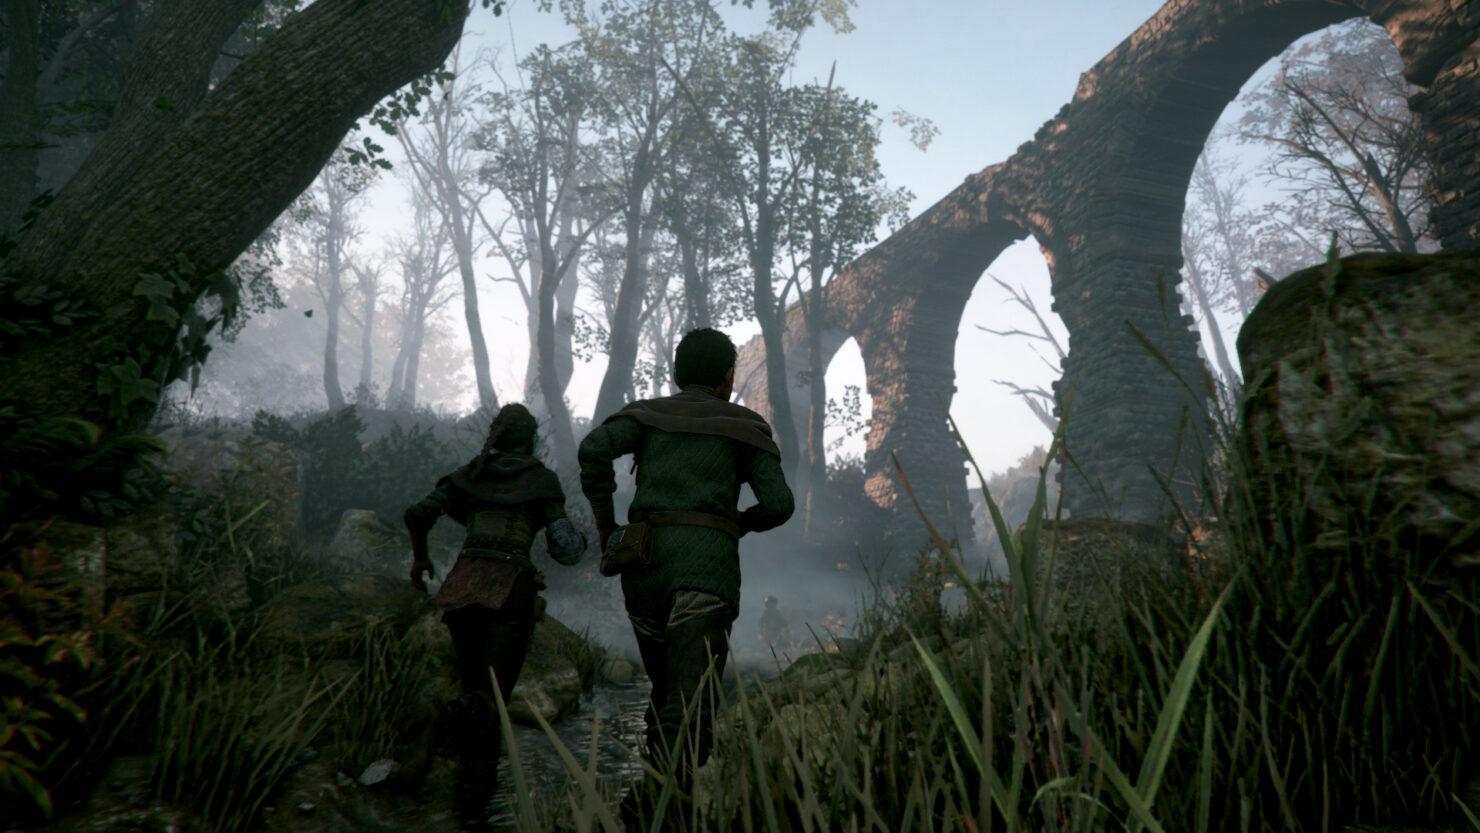 plague-tale-innocence-new-screenshots-screenshot-12